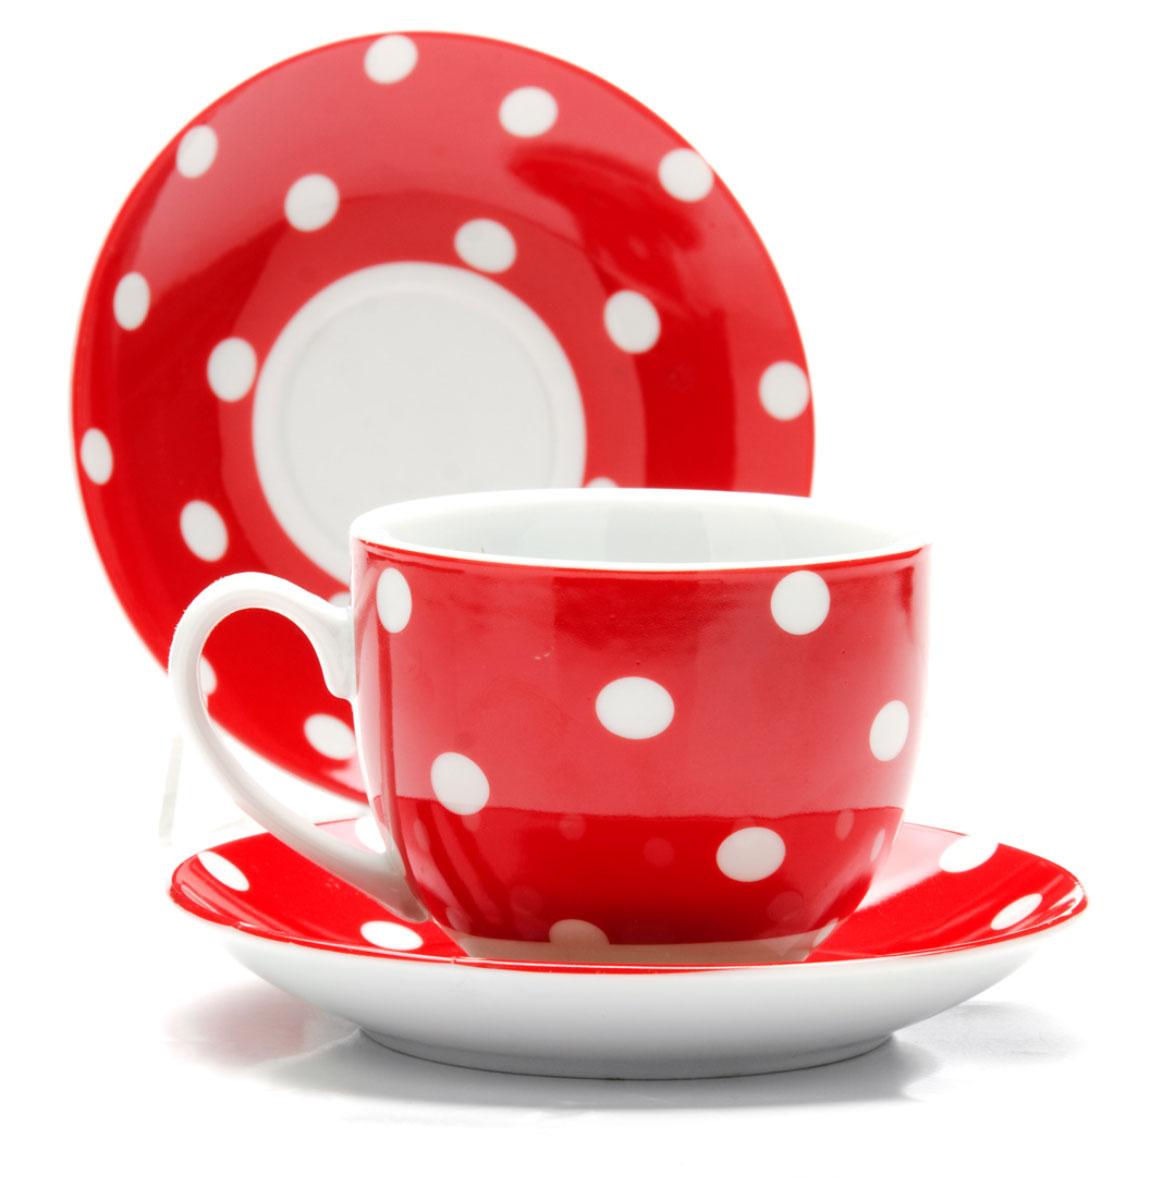 Набор чайный Loraine, цвет: белый, красный, 12 предметов. 2590425904Чайный набор Loraine состоит из 6 чашек и 6 блюдец. Изделия выполнены из высококачественного костяного фарфора и оформлены принтом в горошек. Такой набор изящно дополнит сервировку стола к чаепитию. Благодаря оригинальному дизайну и качеству исполнения он станет замечательным подарком для ваших друзей и близких. Объем чашки: 240 мл. Диаметр чашки по верхнему краю: 8,5 см. Высота чашки: 7 см. Диаметр блюдца: 14 см. Высота блюдца: 2,2 см.